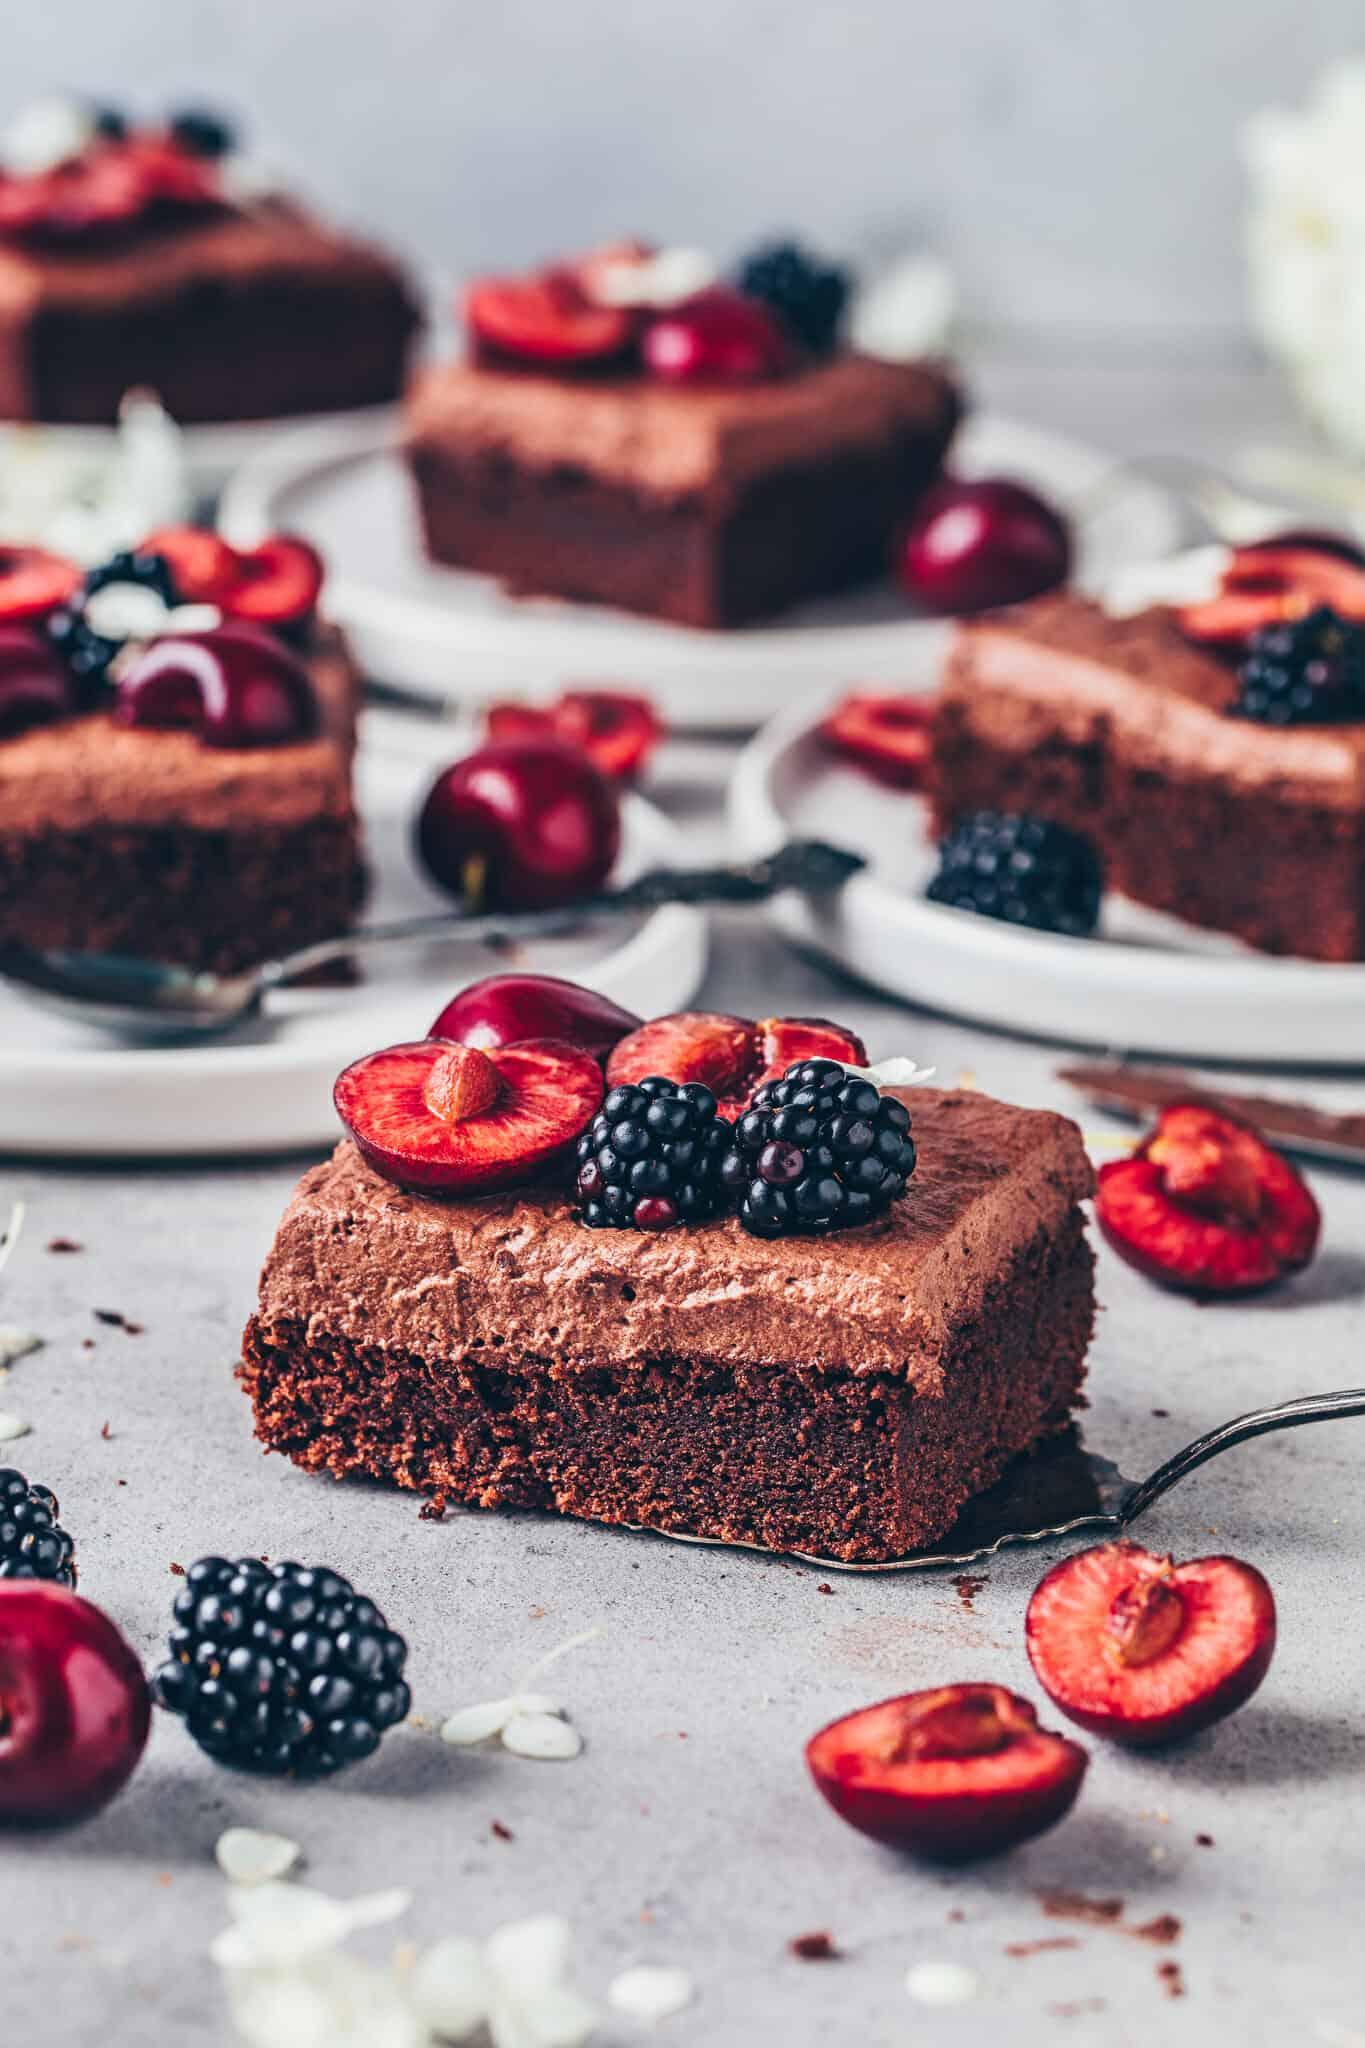 Schokokuchen. Veganer Schokoladenkuchen mit Schoko-Frosting, Kirschen und Brombeeren.